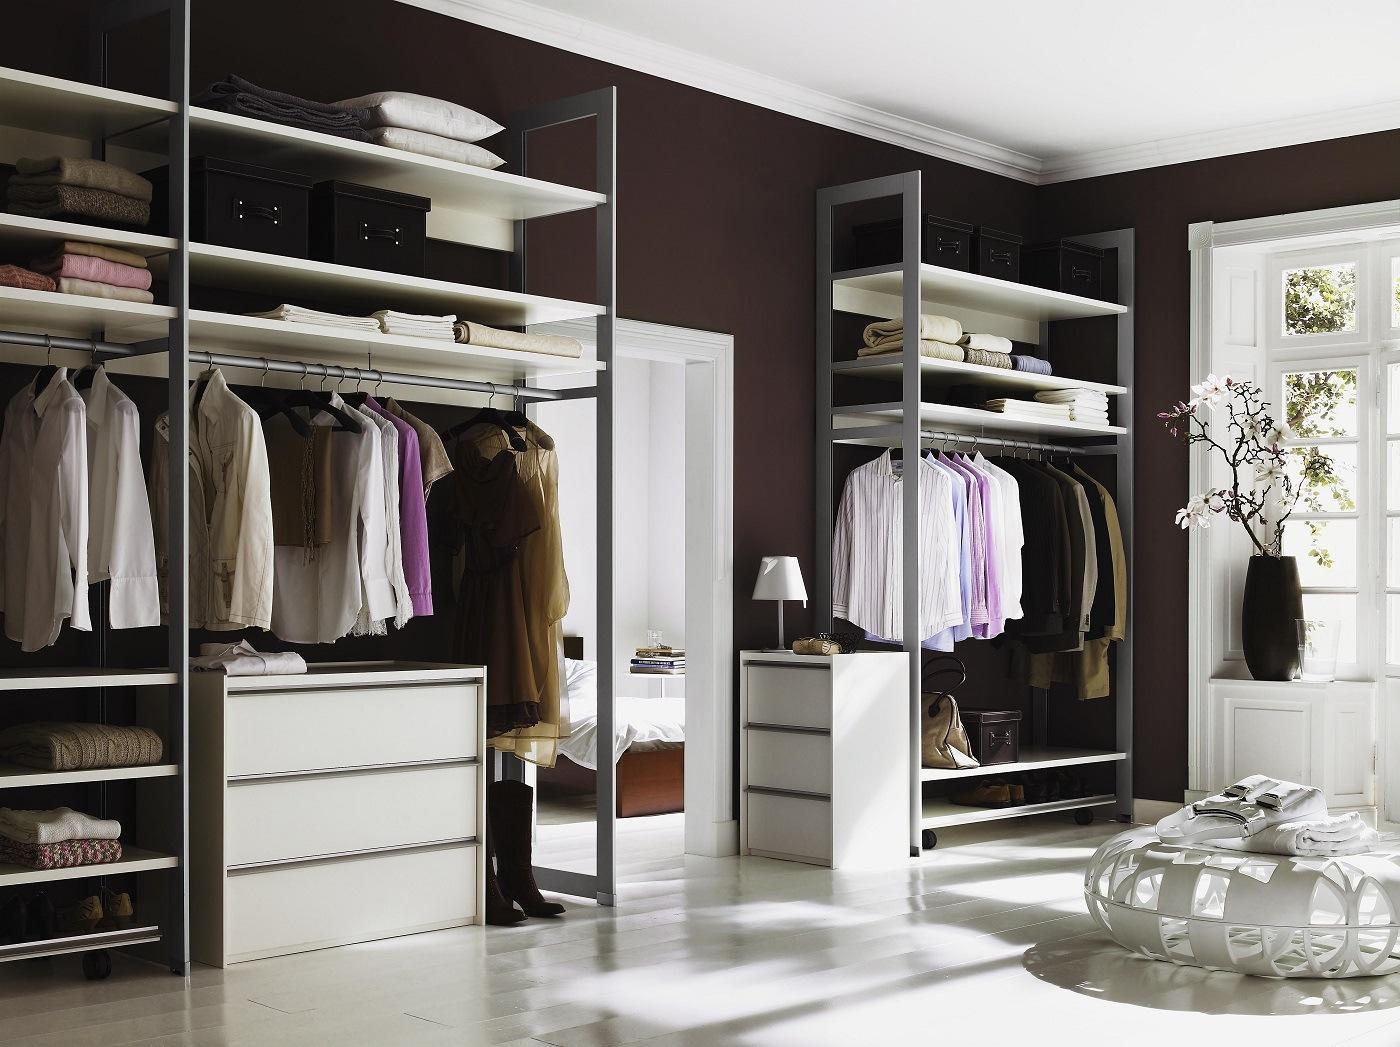 Kleiderschrank Ideen Wenig Platz